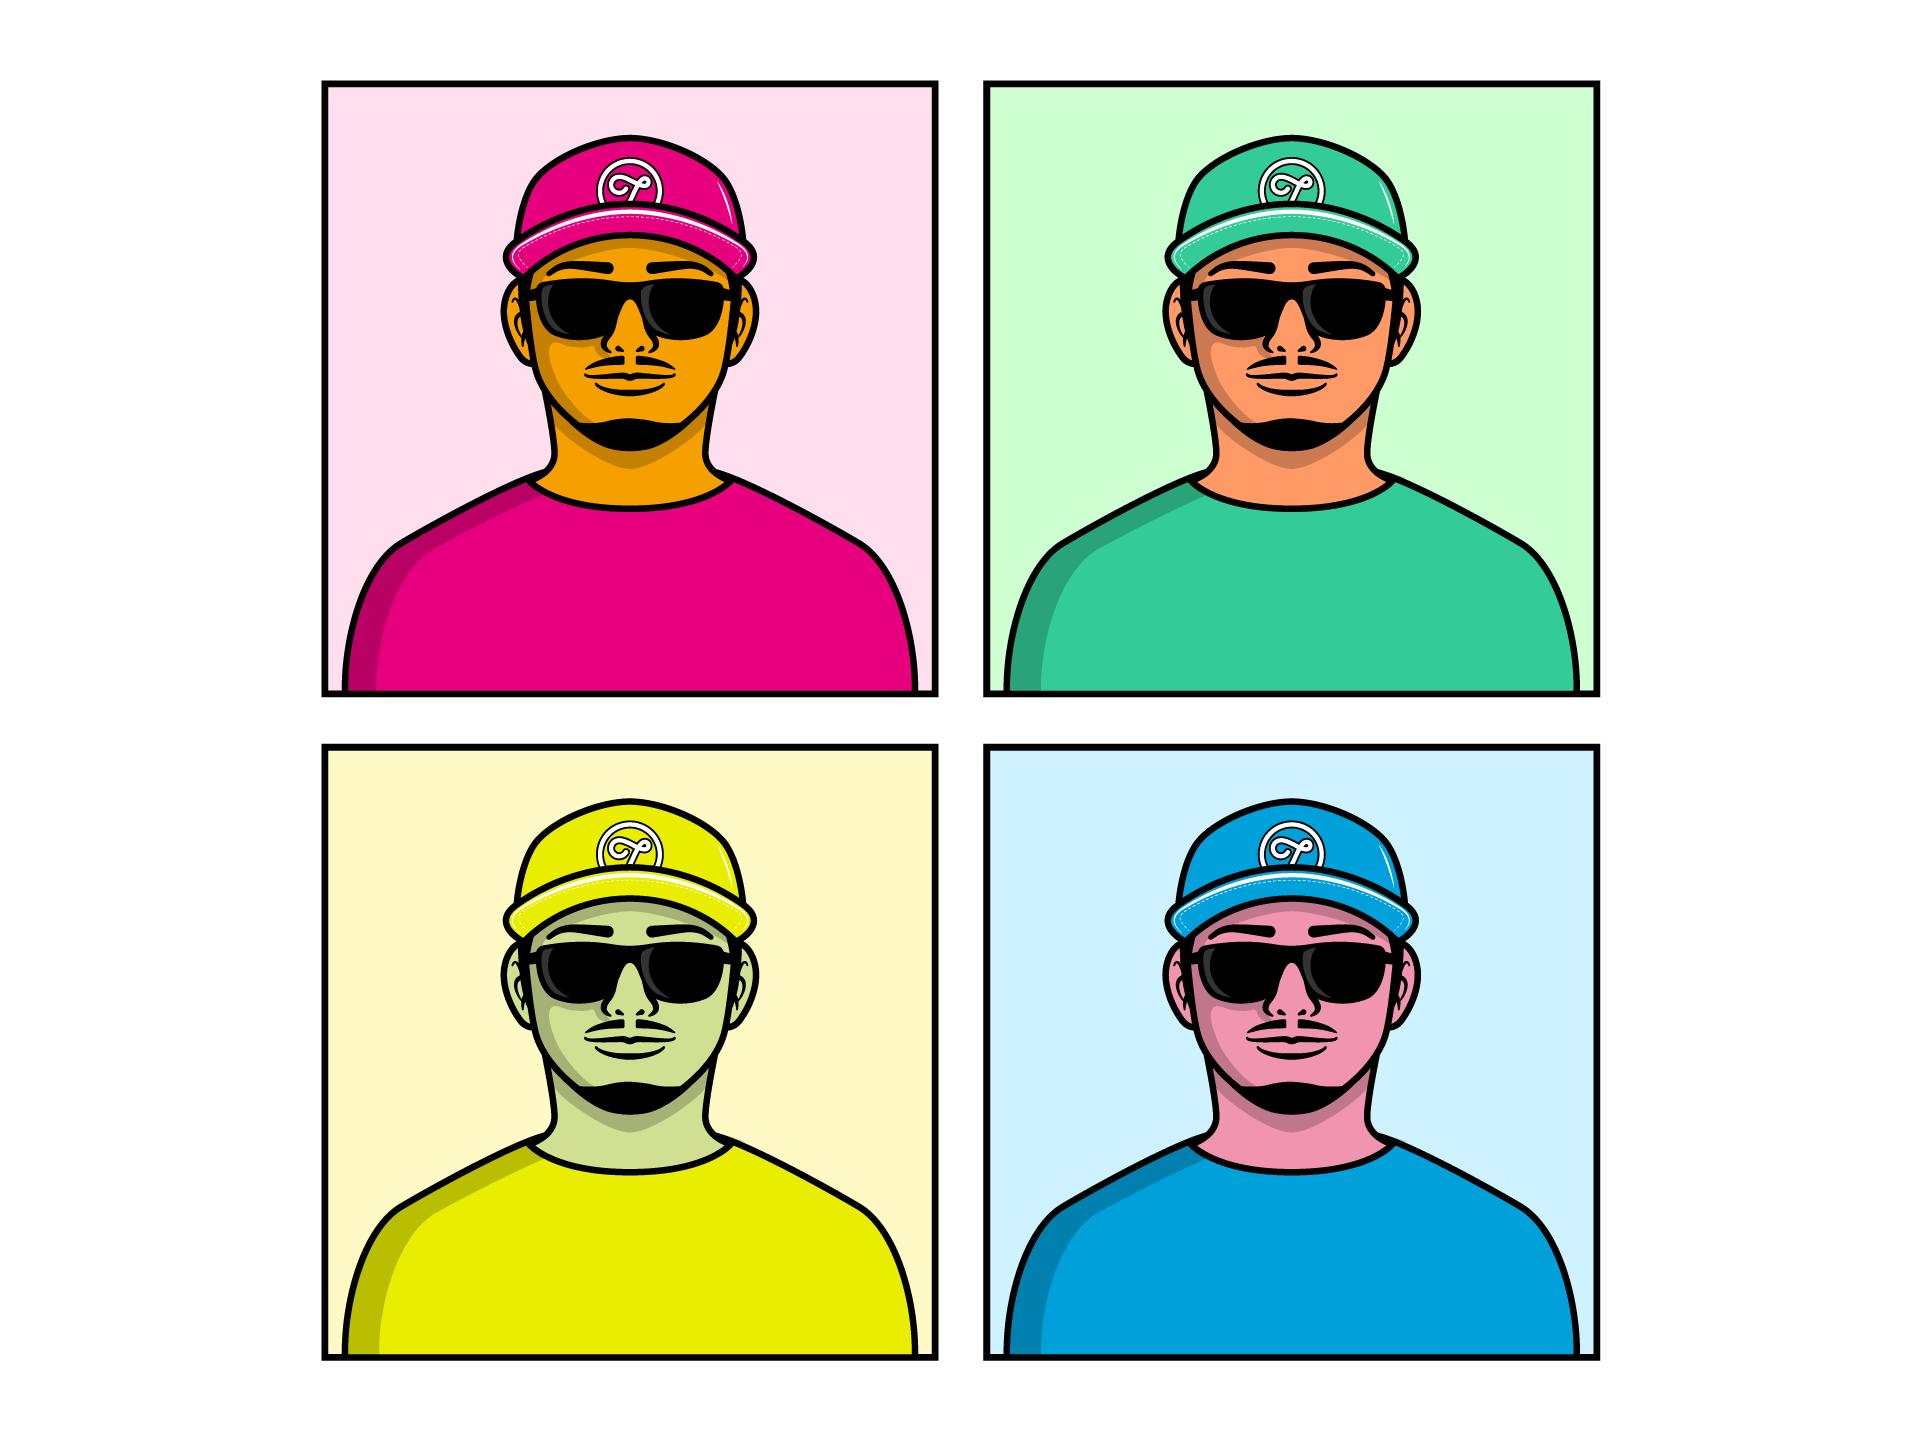 jay_illustration